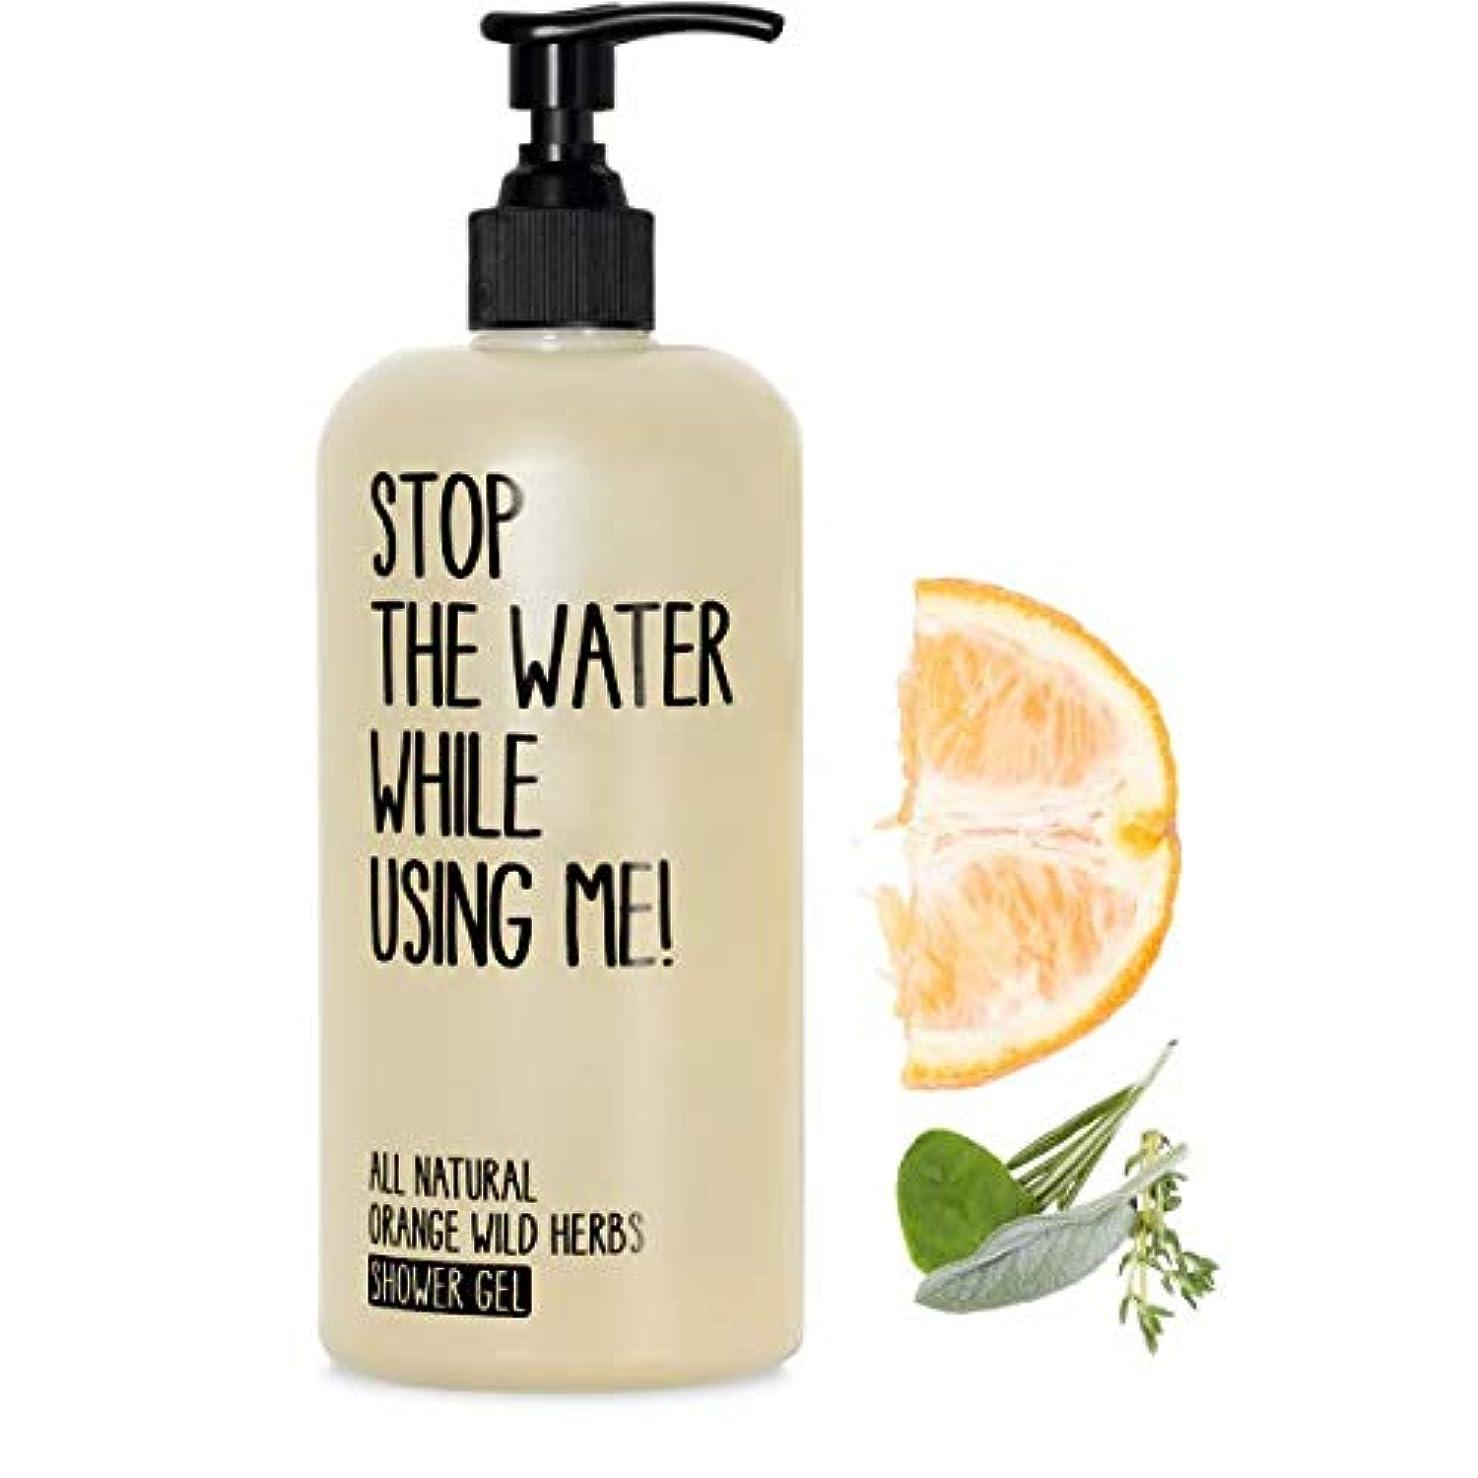 先例イノセンス軽減【STOP THE WATER WHILE USING ME!】 O&WHシャワージェル(オレンジ&ワイルドハーブ) 200ml